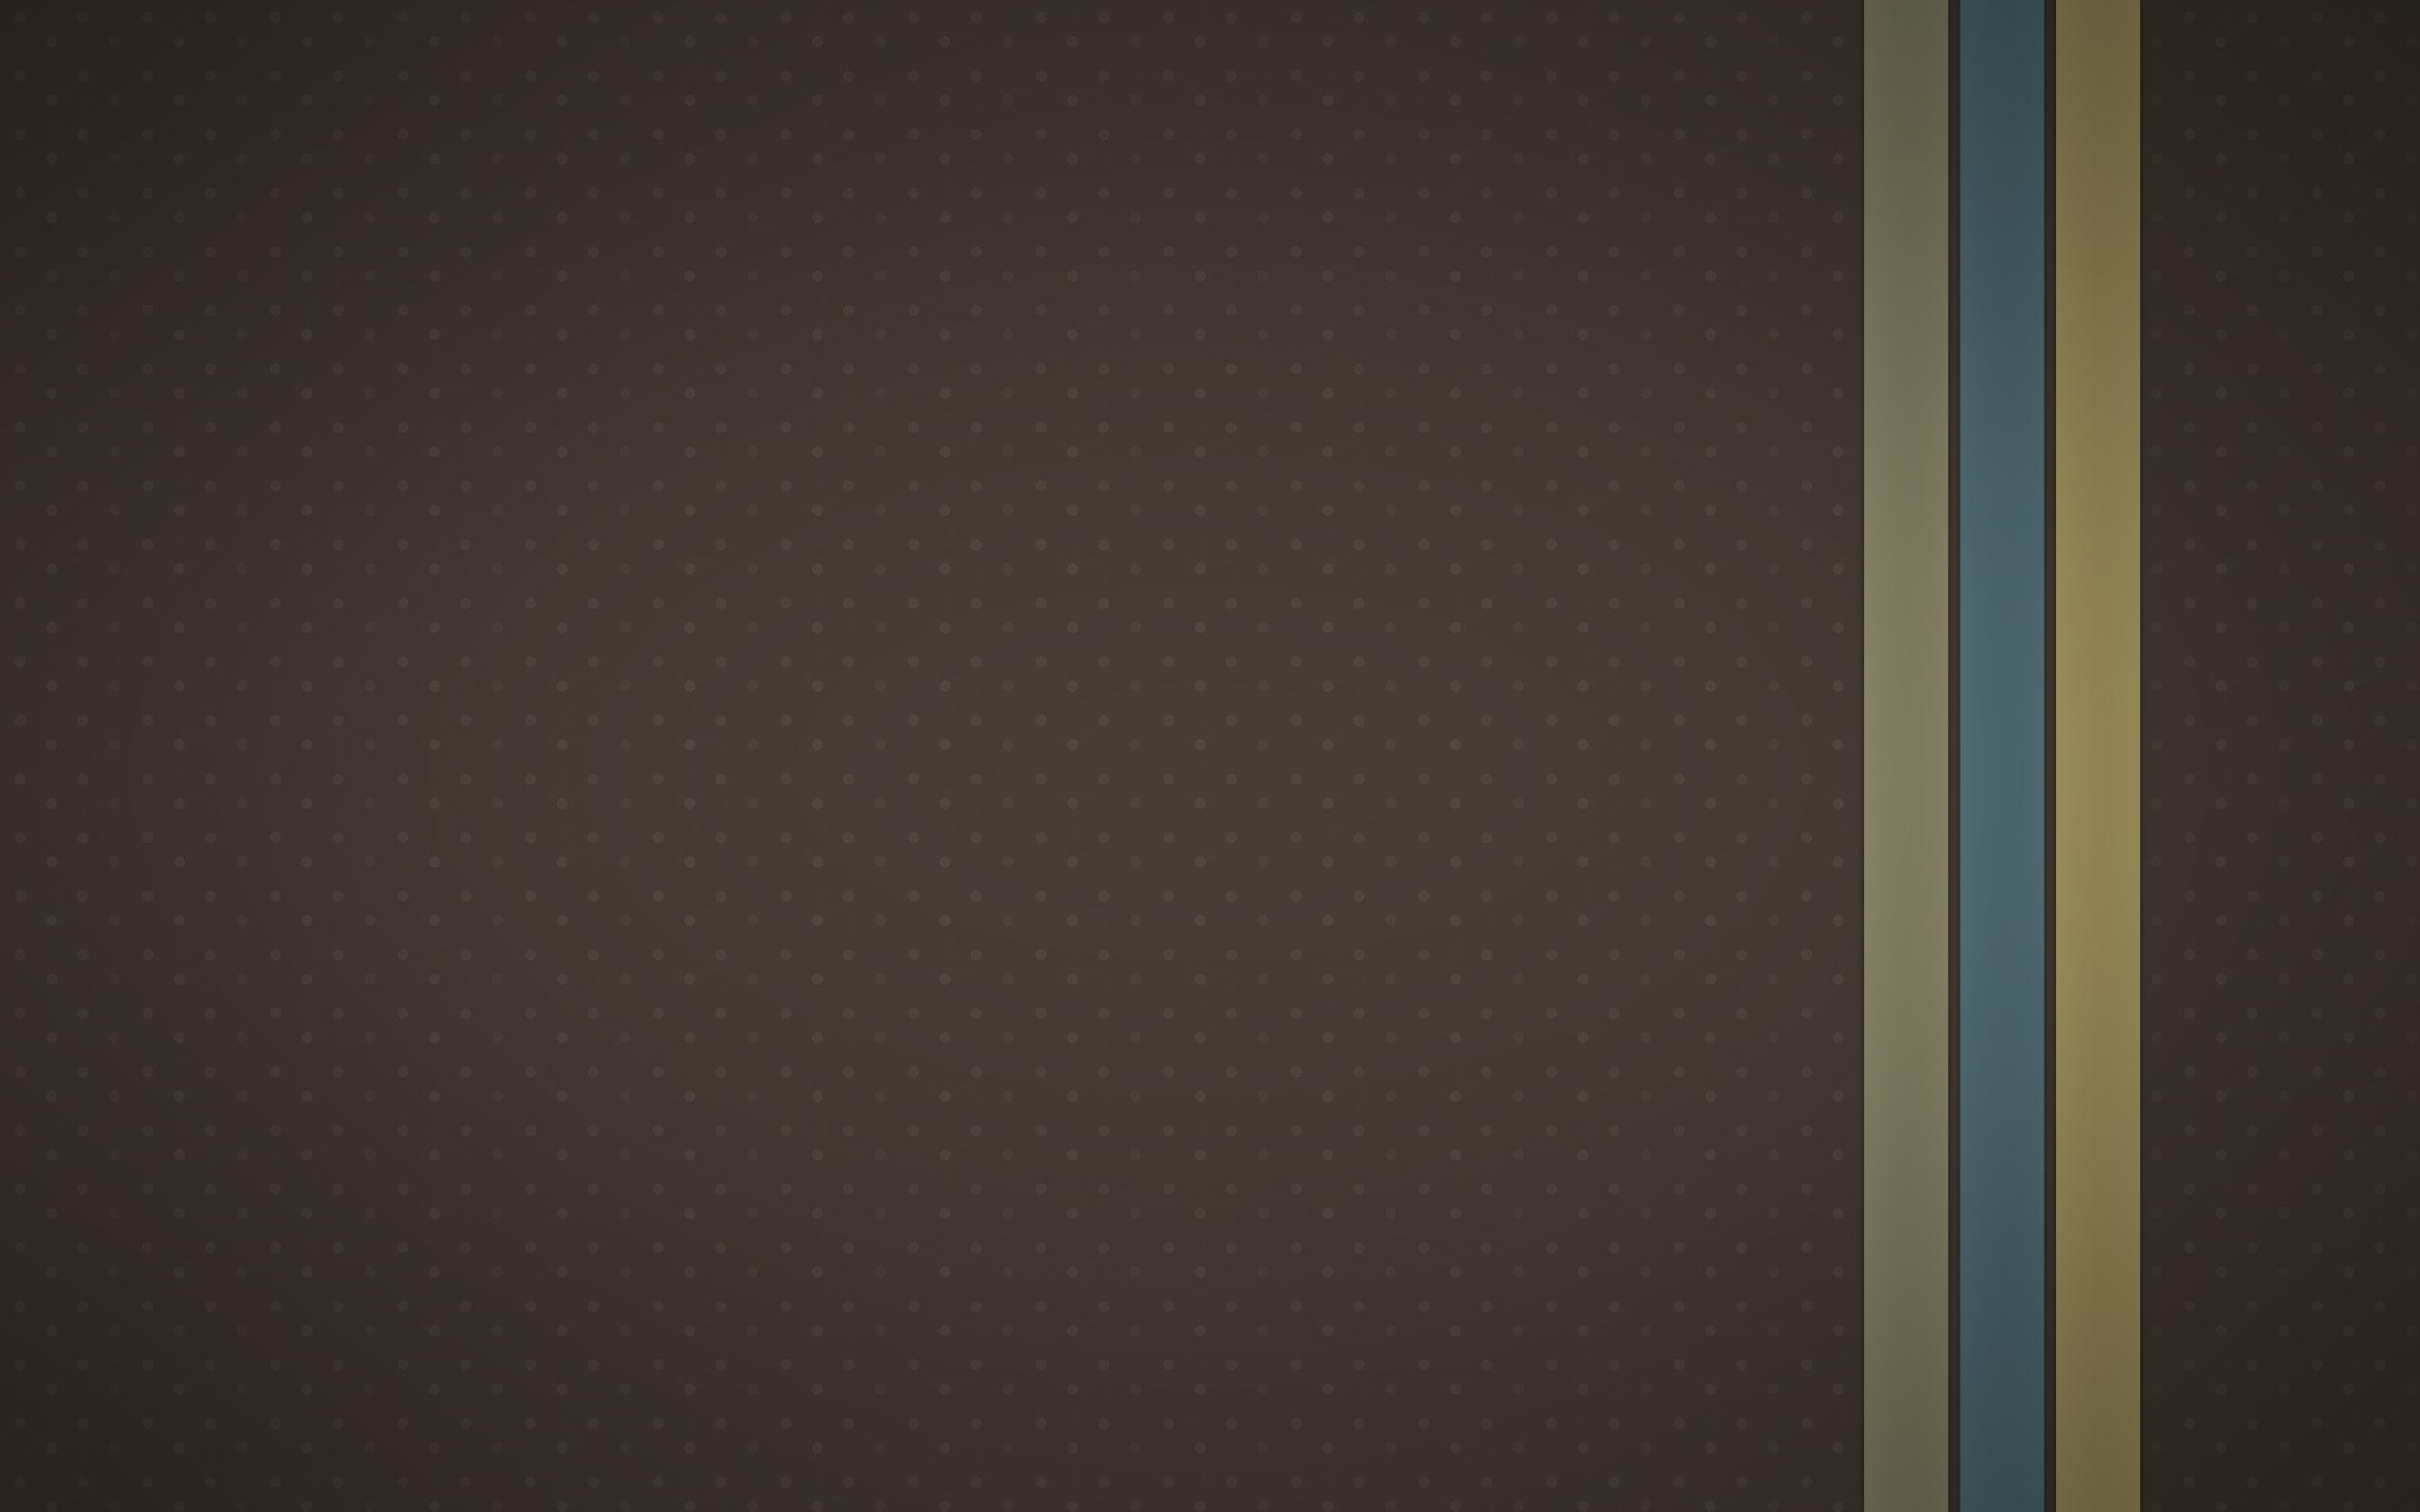 Minimalist Wallpaper 5737 2560x1600 px